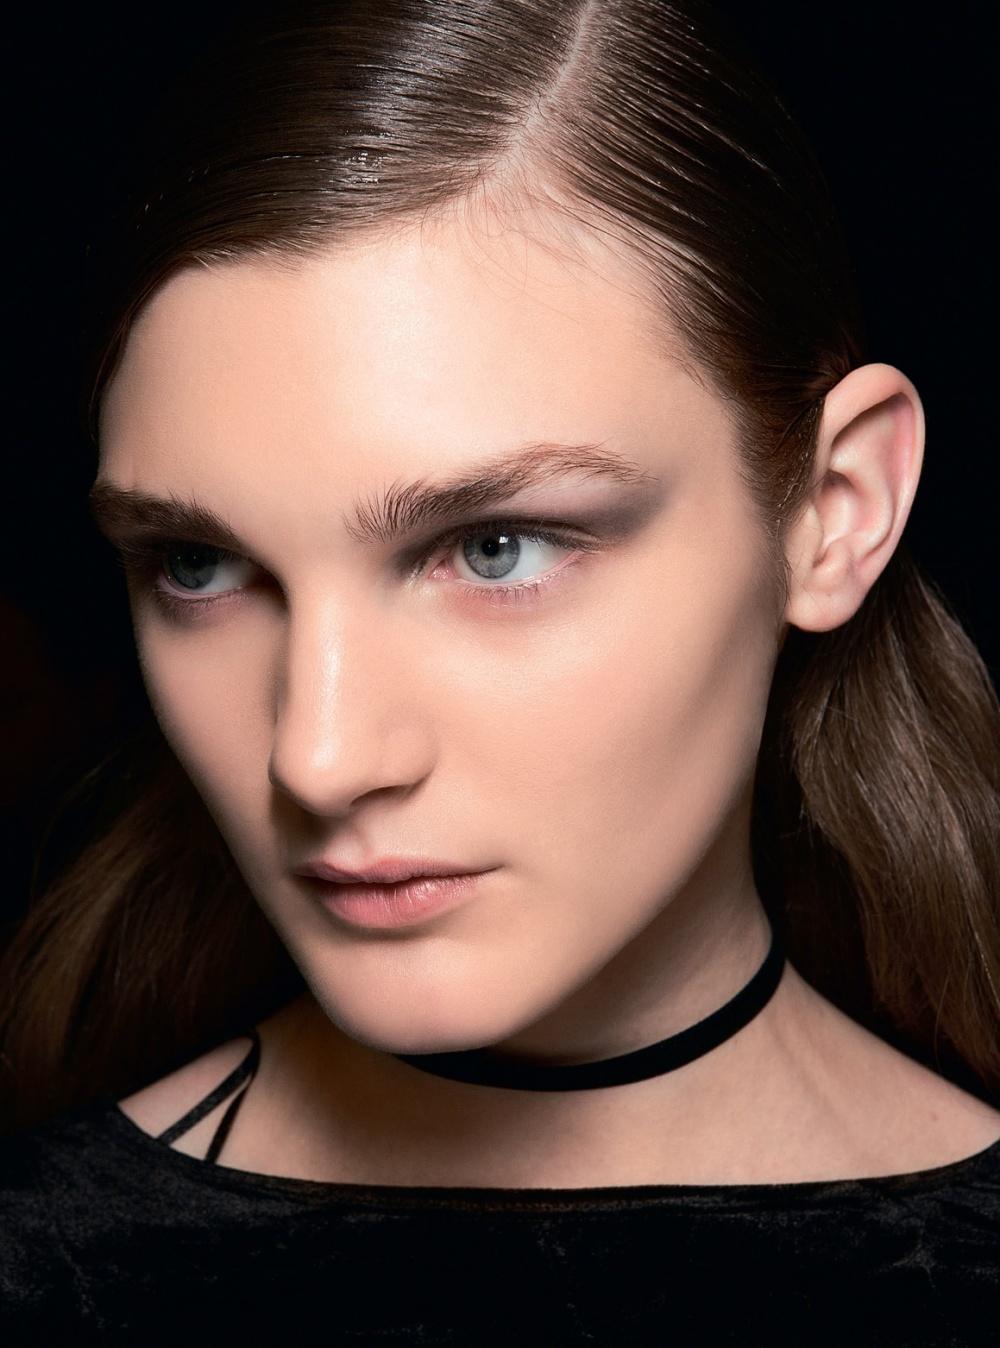 Антитренды макияжа 2020: Матовая кожа